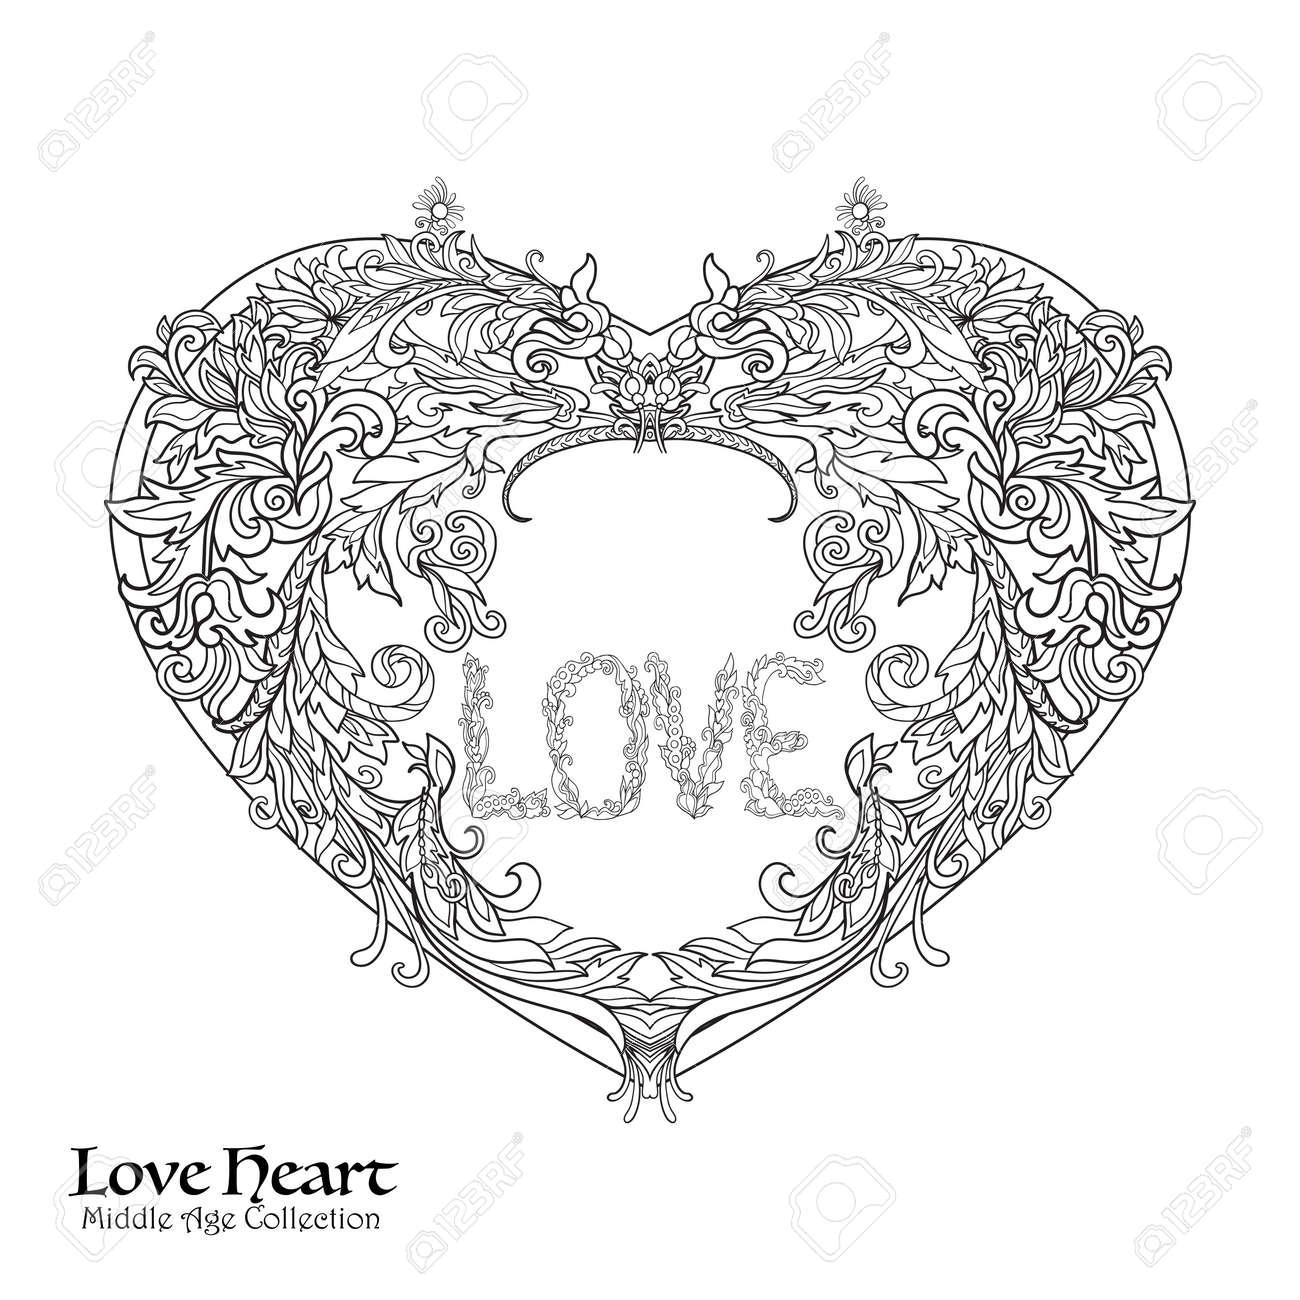 Coloriage Dun Coeur Damour.Coeur D Amour Decoratif En Rocaille Renaissance Style Royal